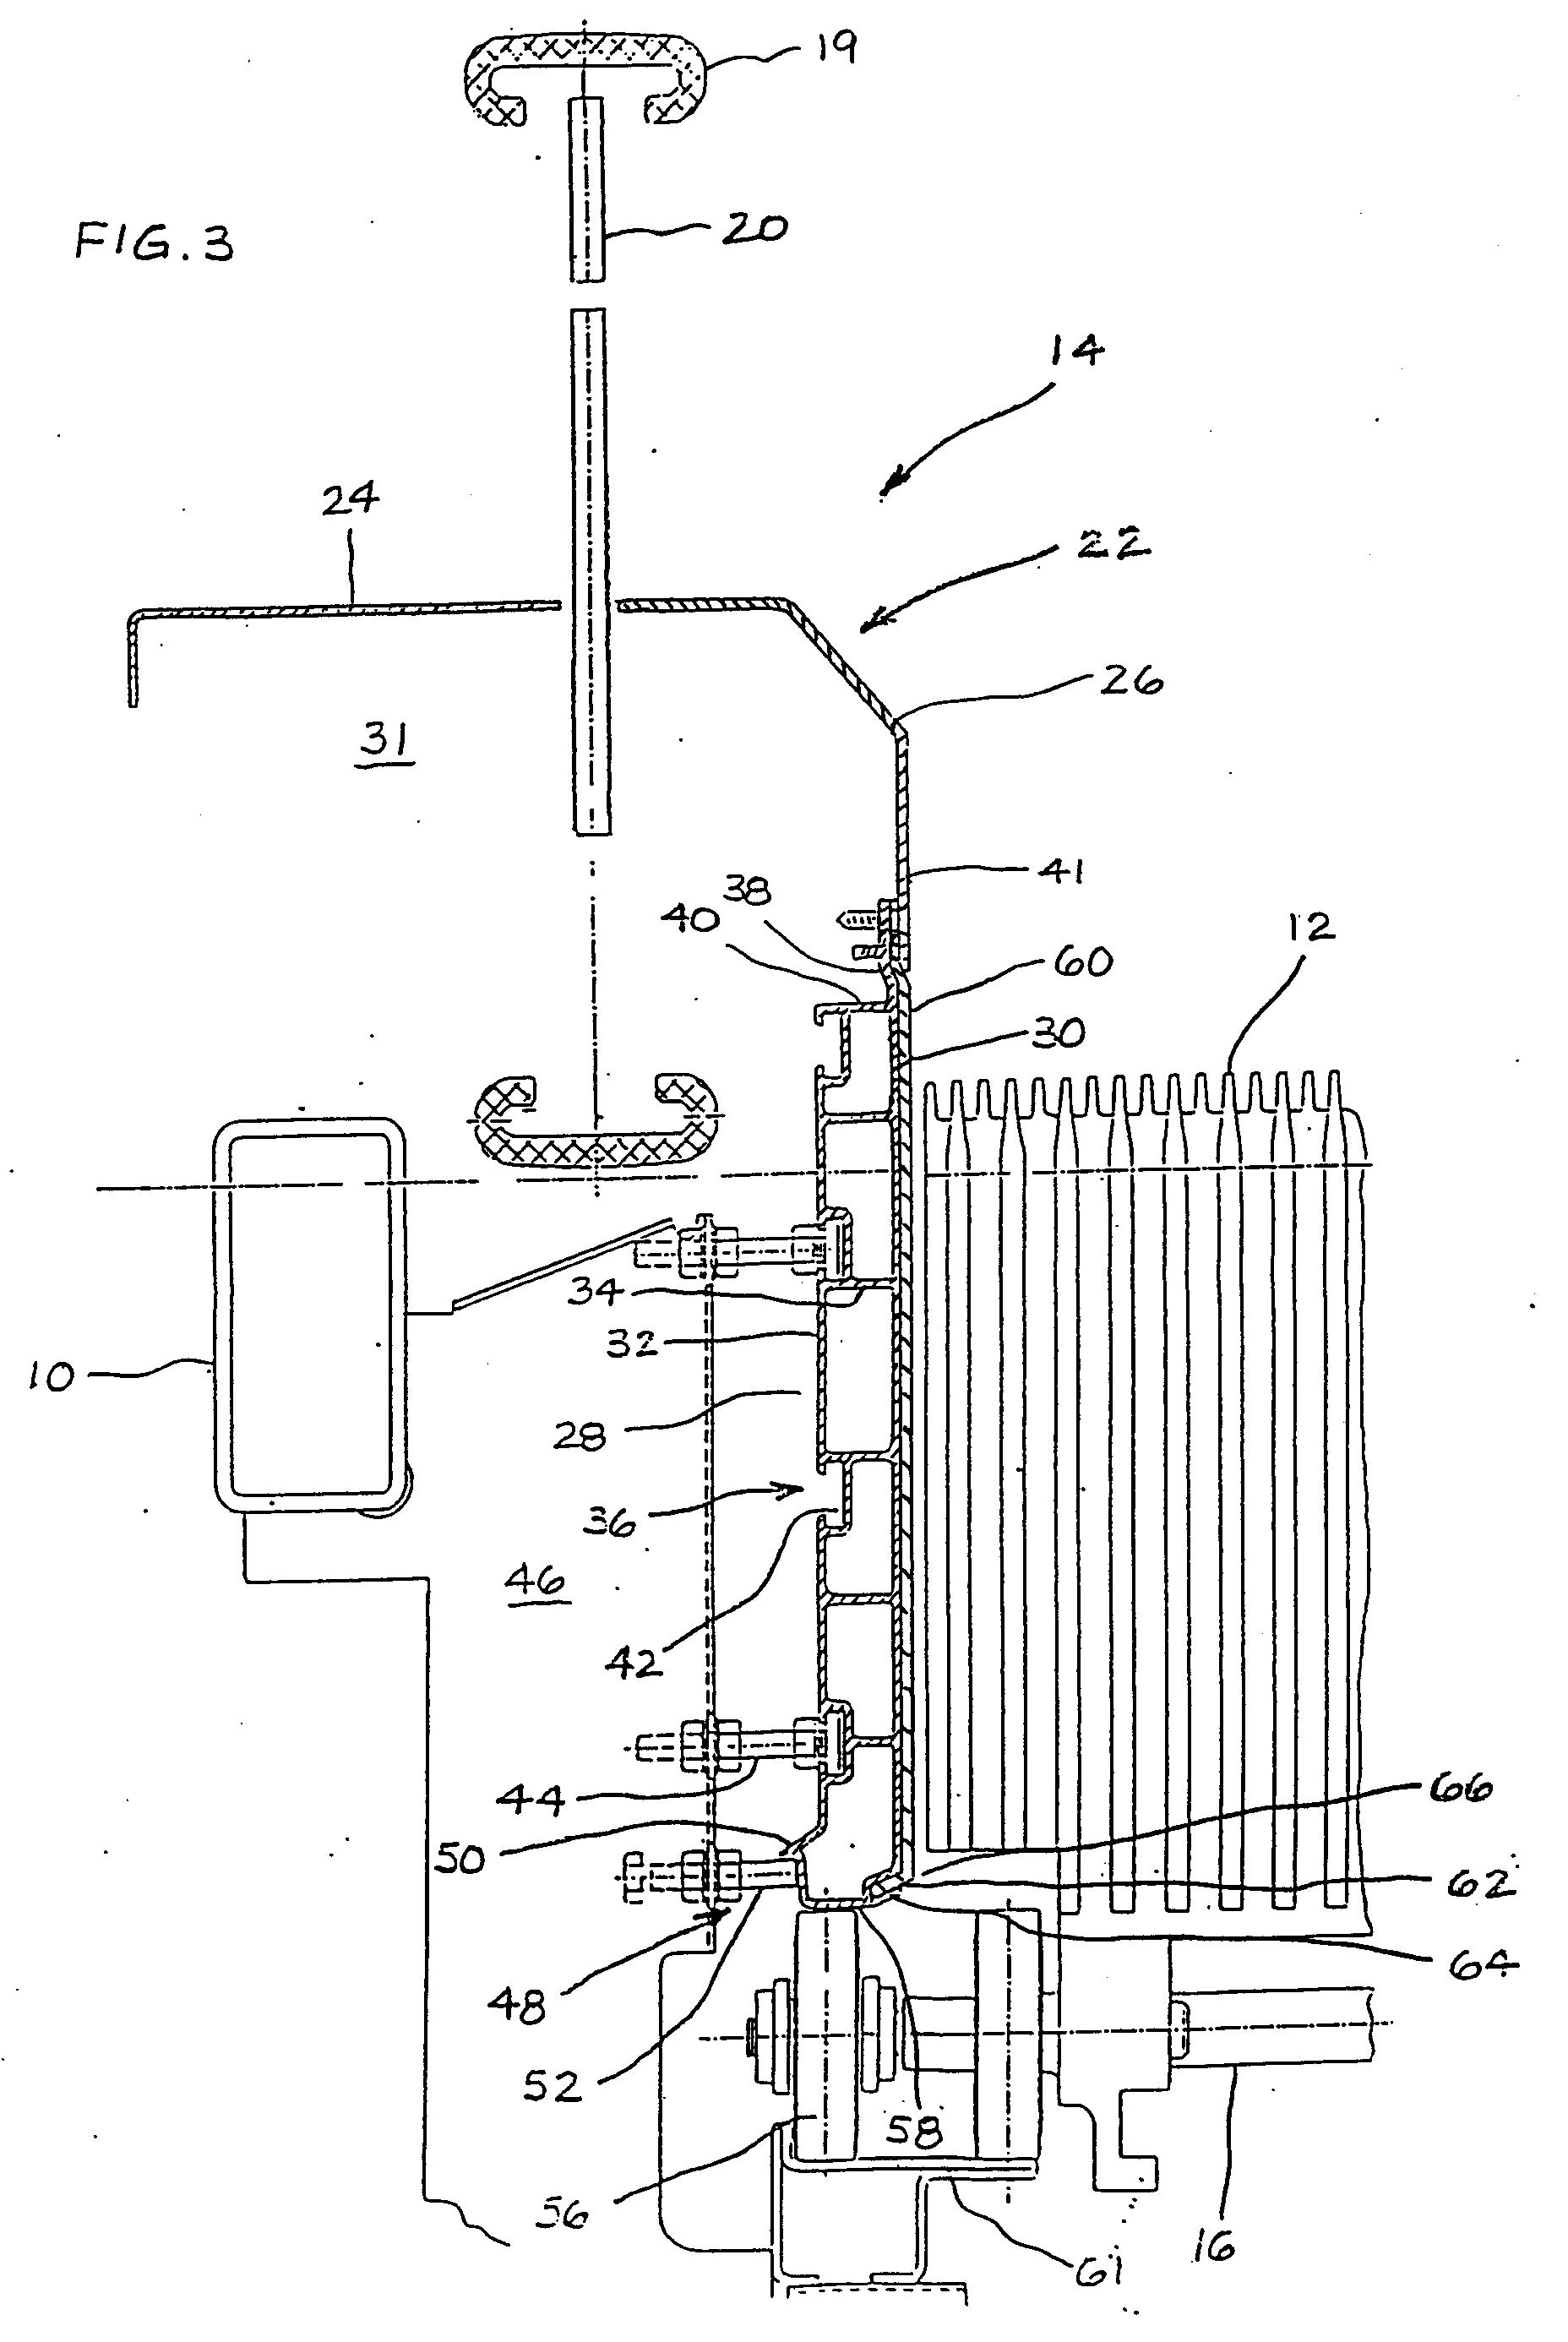 Otis Elevator Wiring Schematic. Ge Wiring Schematic ... on